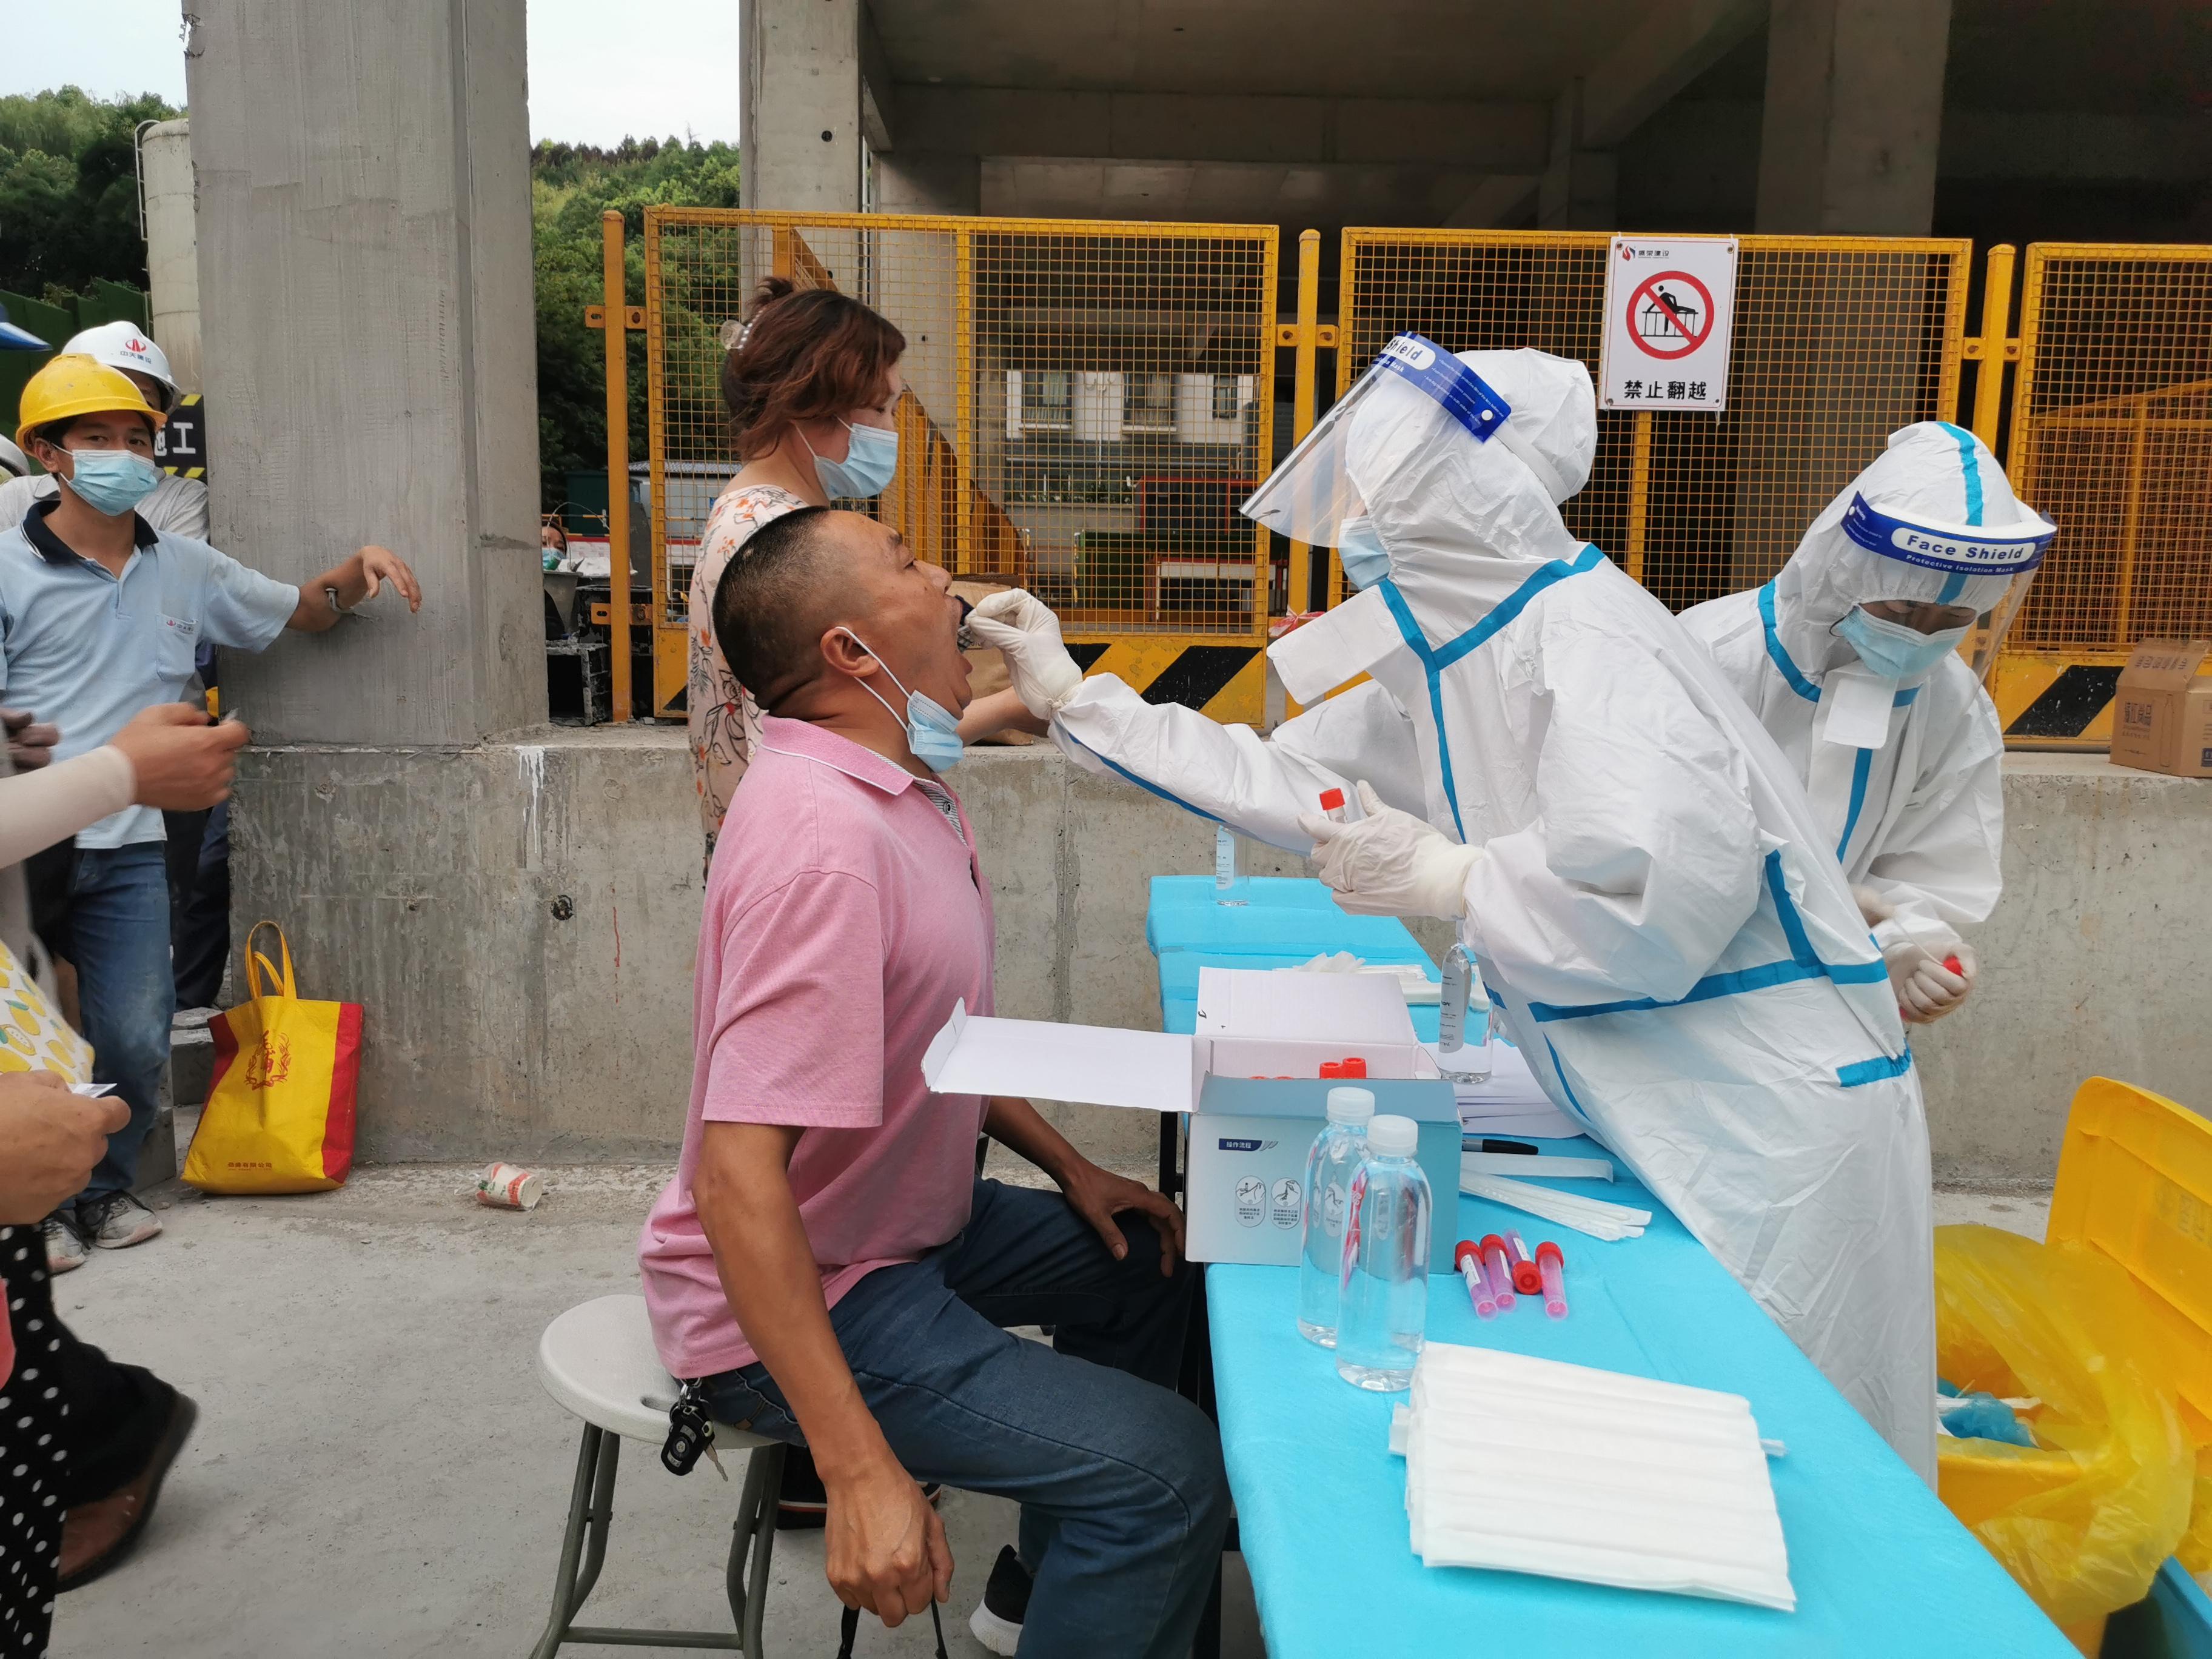 盛榮集團全員核酸檢測 筑牢疫情防控安全線